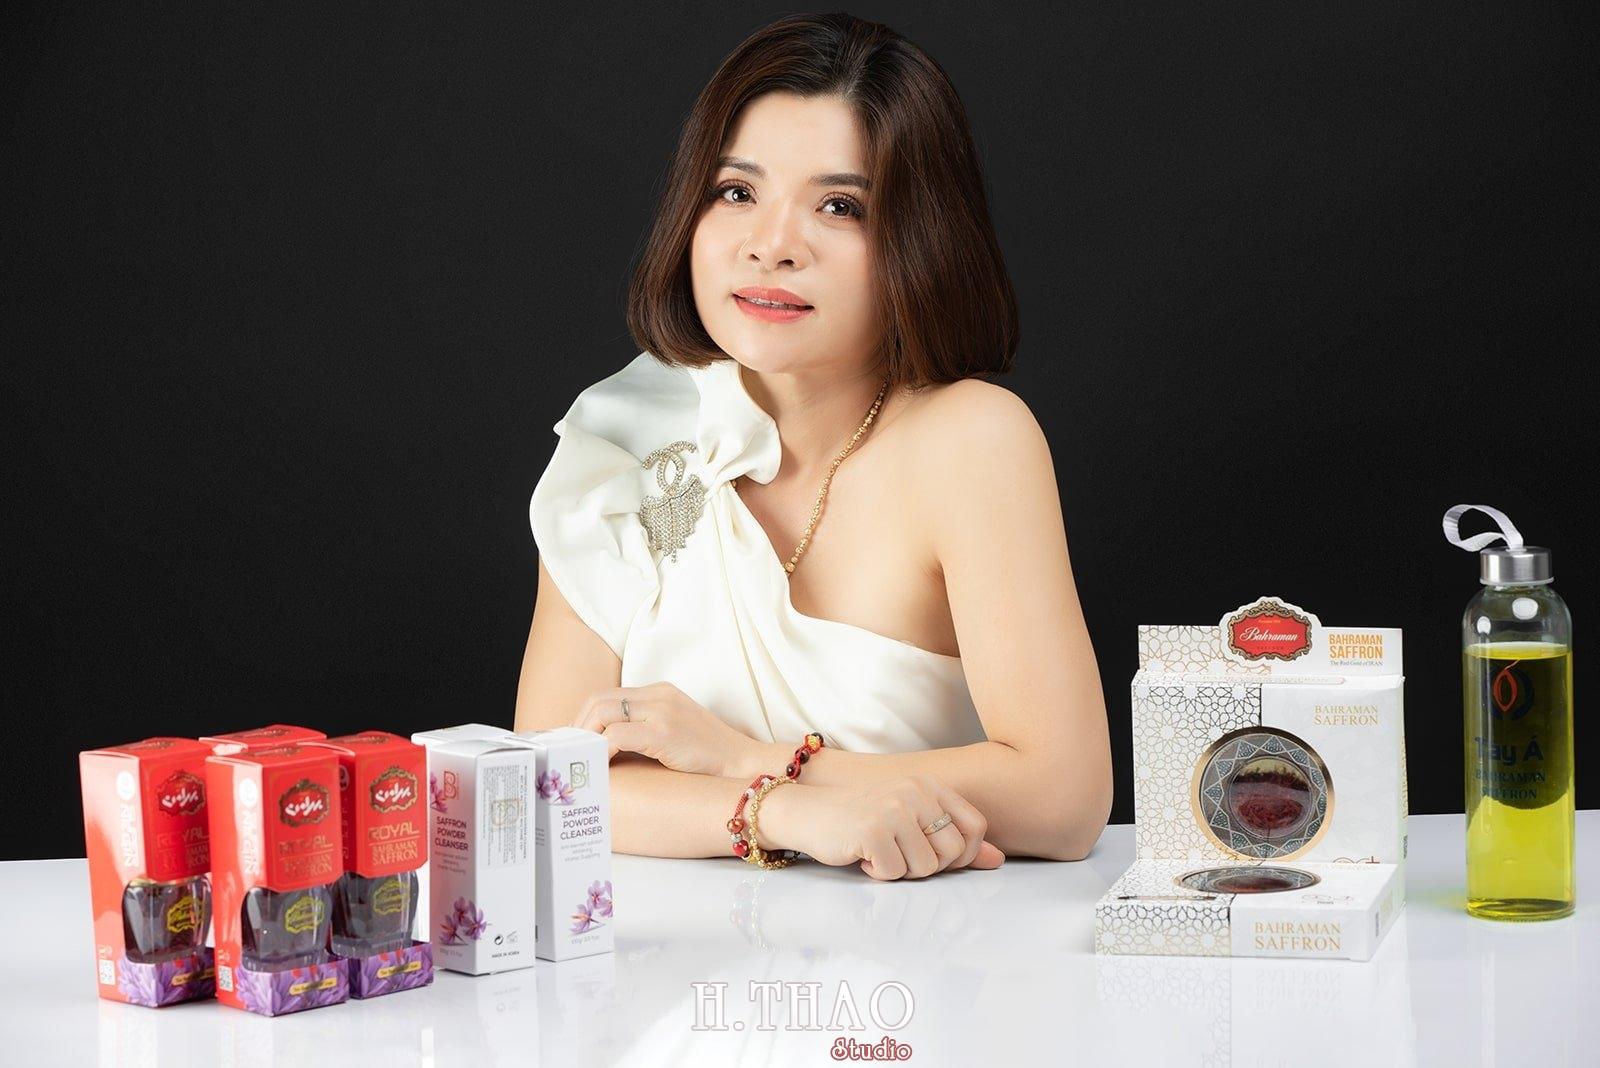 Anh Beauty 13 - Top 15 concept chụp ảnh chân dung nghệ thuật cực HOT- HThao Studio